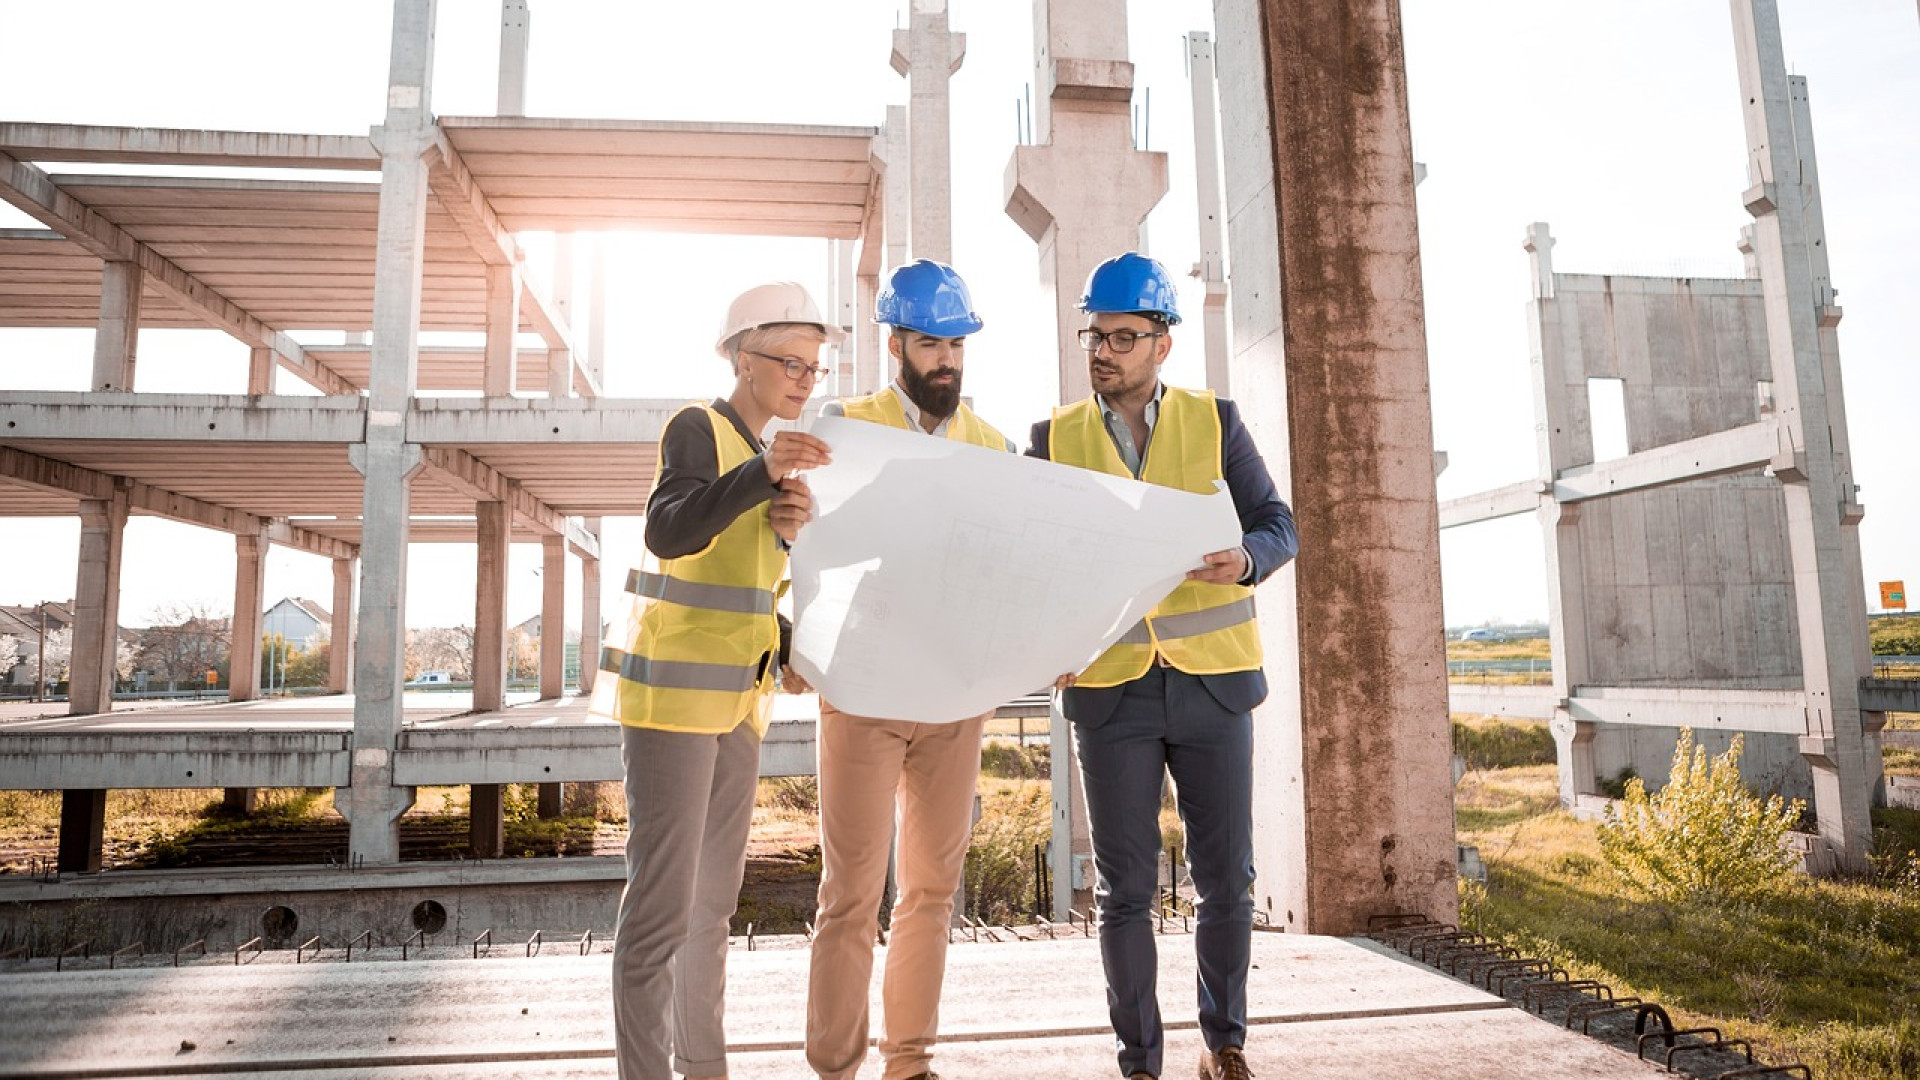 Les professionnels du bâtiment ont besoin de matériel de mesure performants